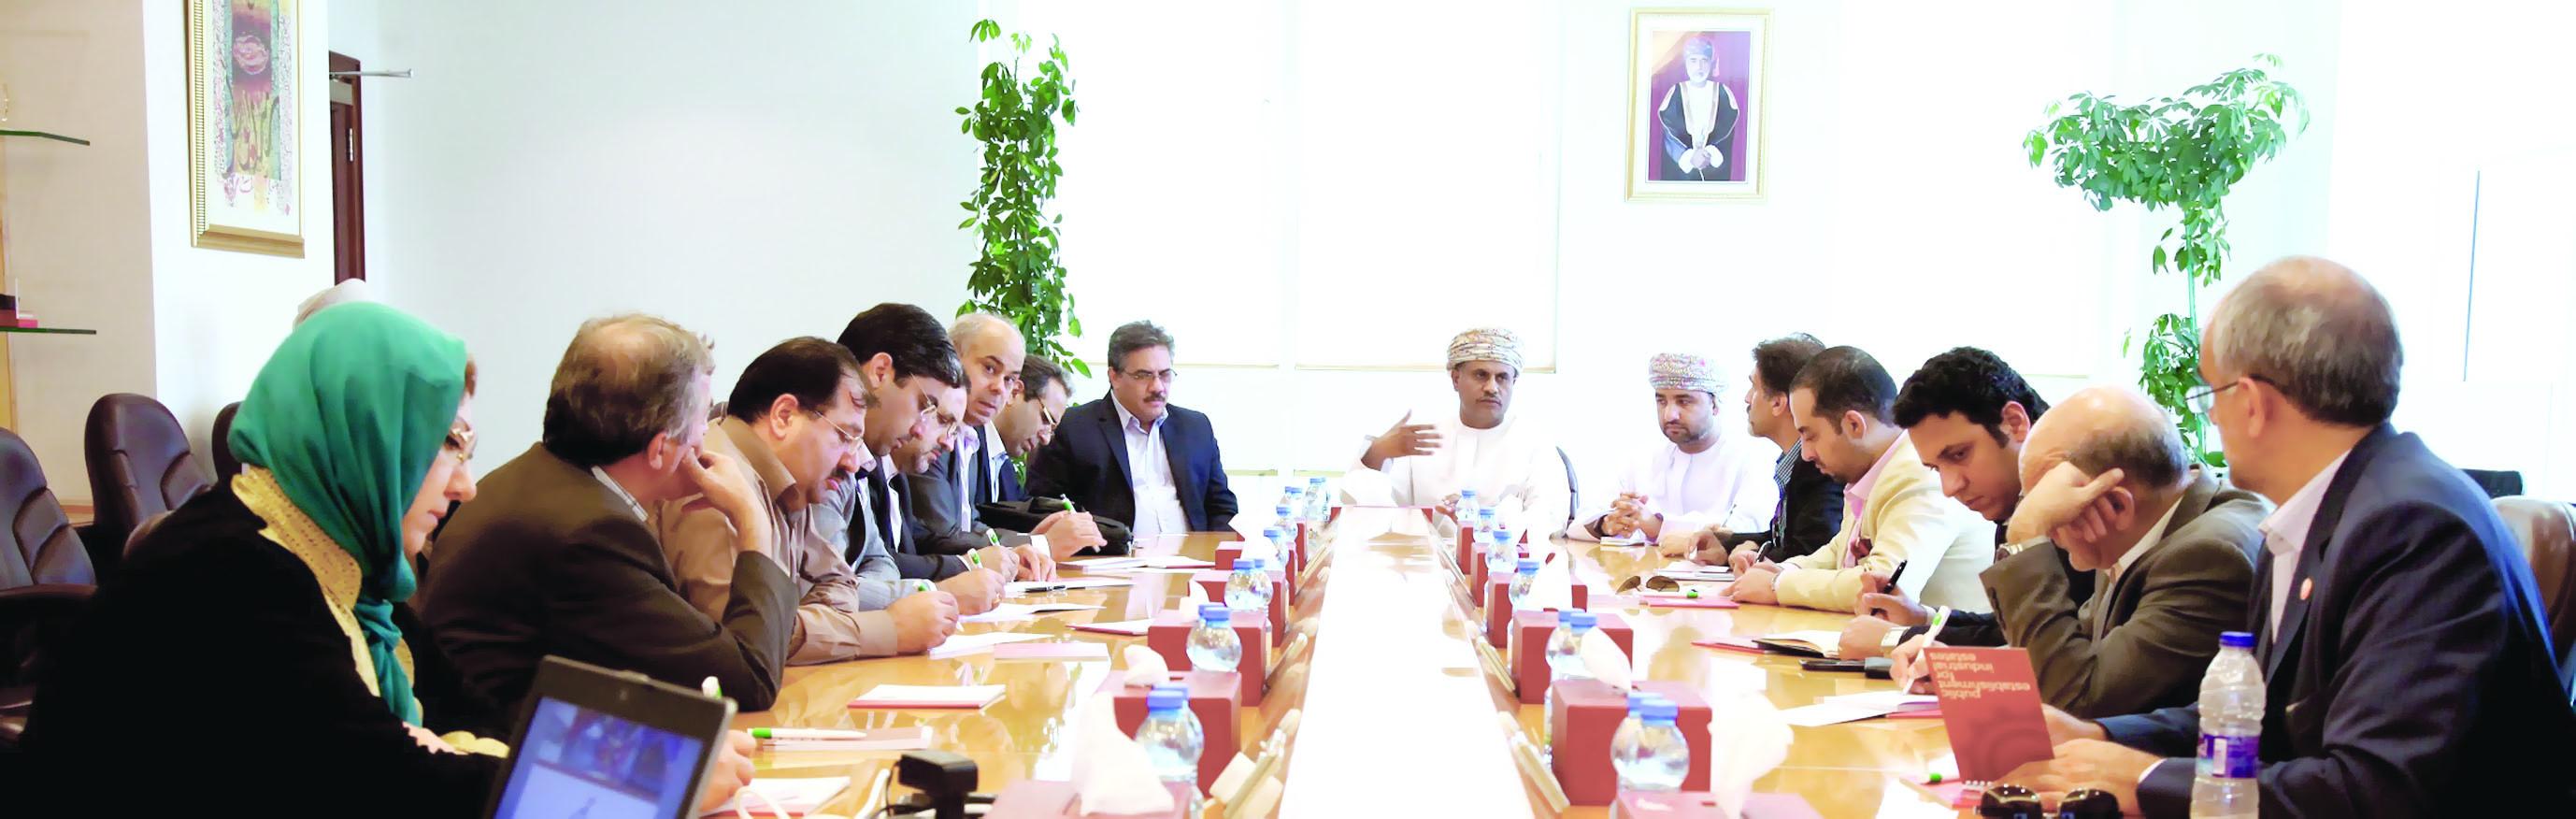 وفد إيراني يطّلع على الفرص الاستثمارية في المؤسسة العامة للمناطق الصناعية